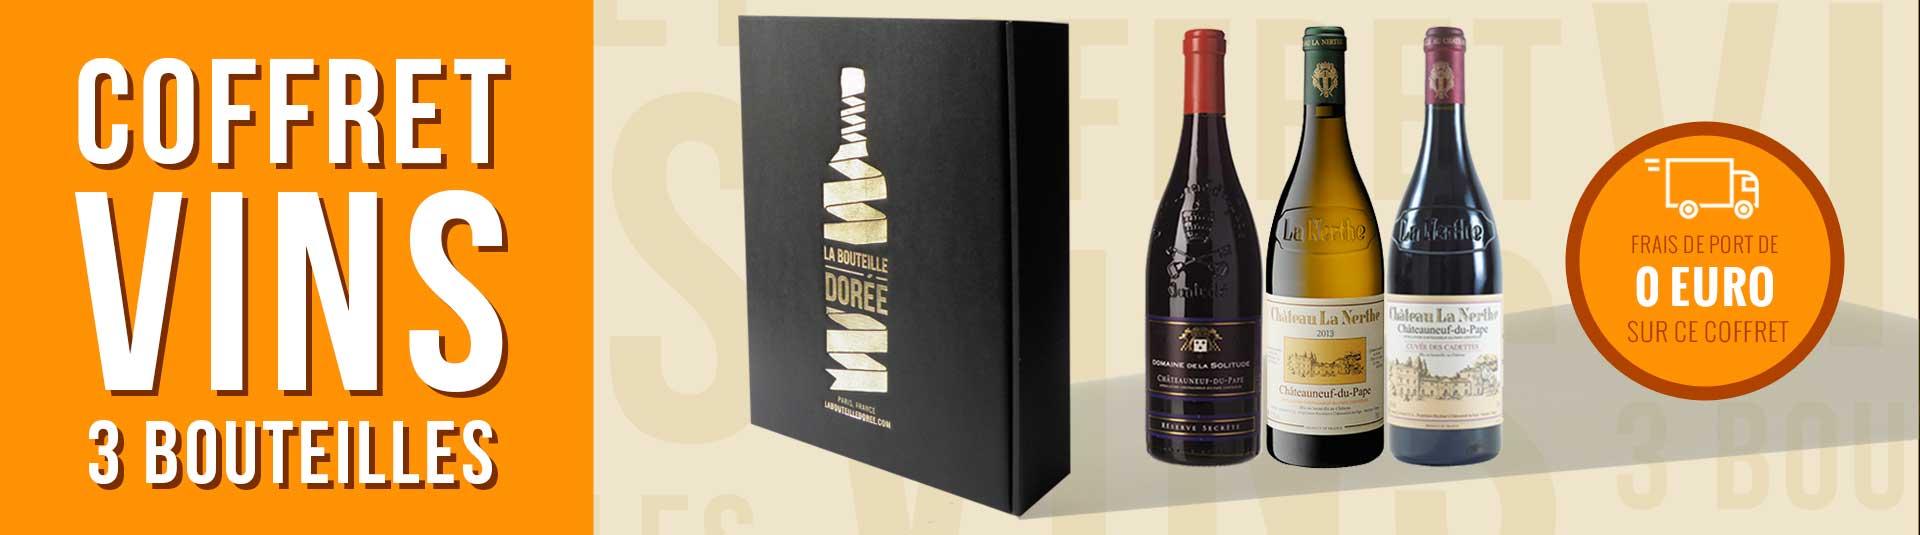 Coffret vin Châteauneuf-du-Pape Découverte